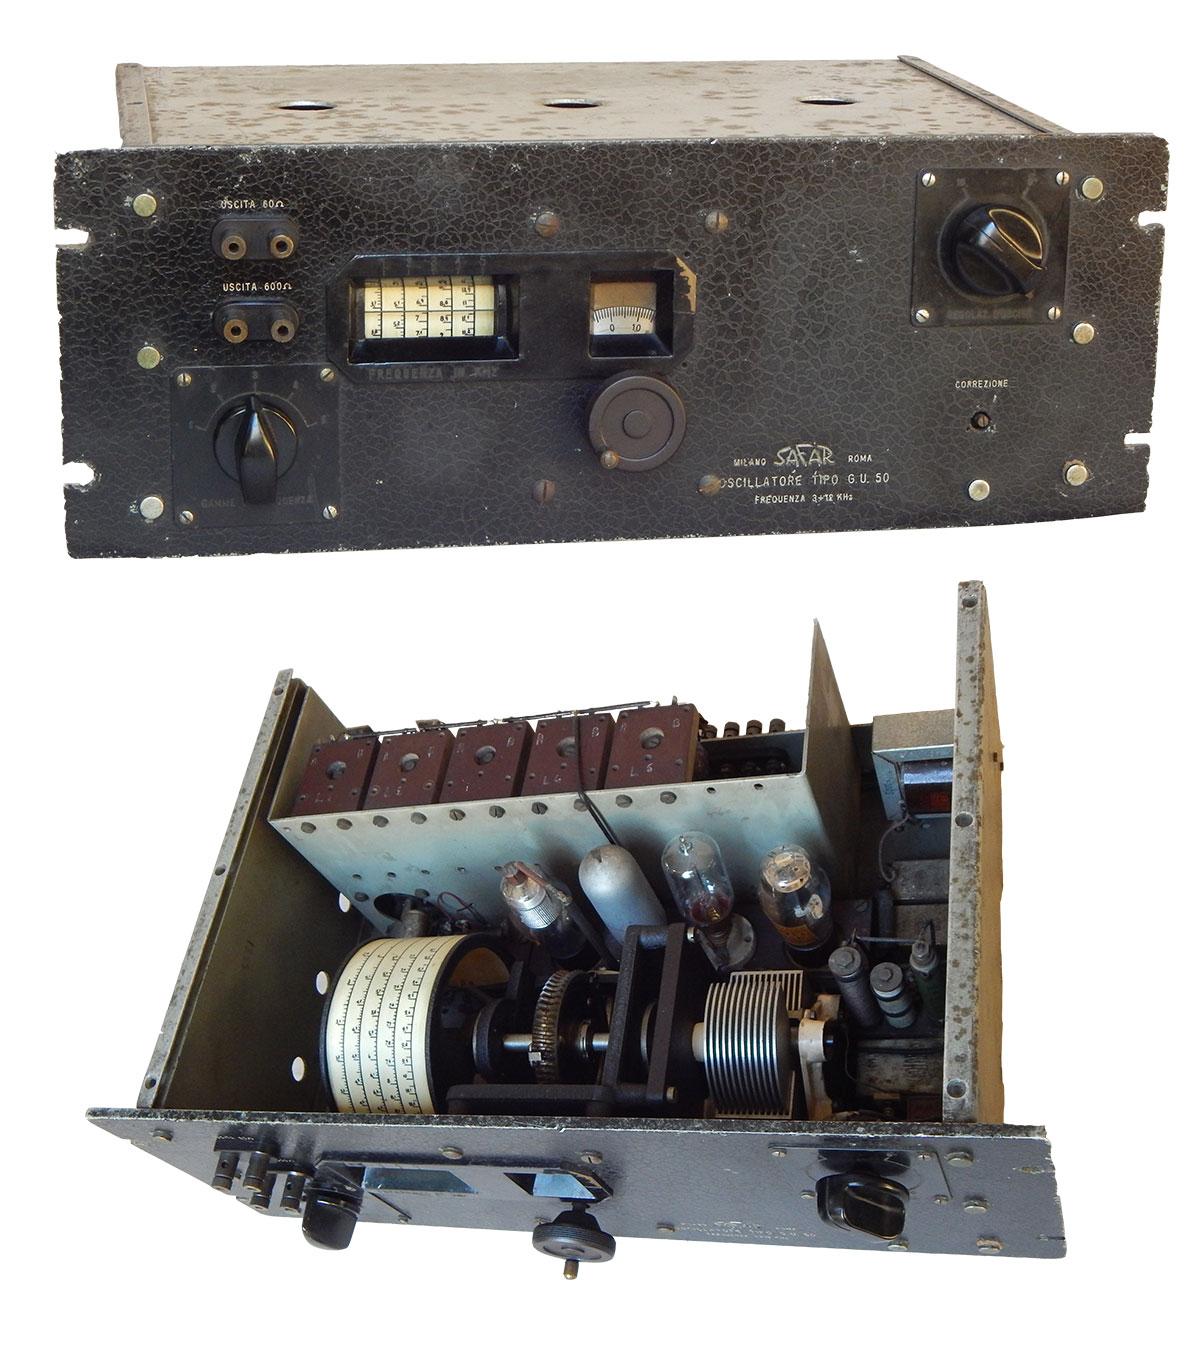 Oscillatore a frequenza acustica